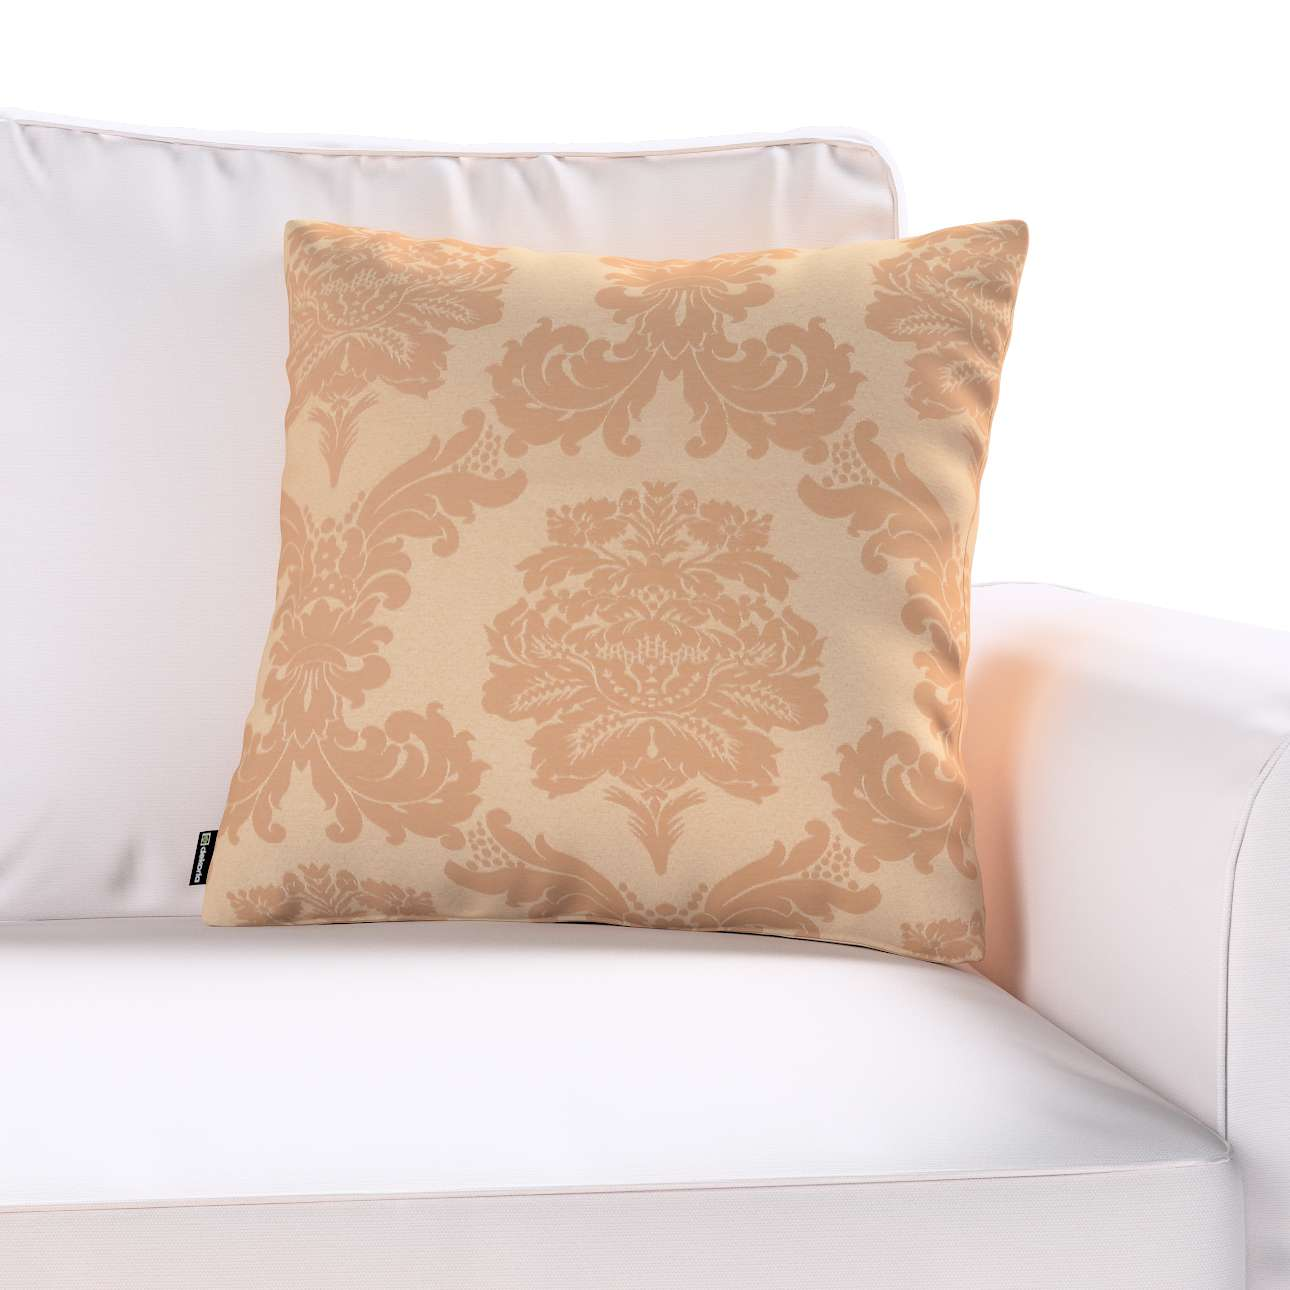 Poszewka Kinga na poduszkę w kolekcji Damasco, tkanina: 613-04